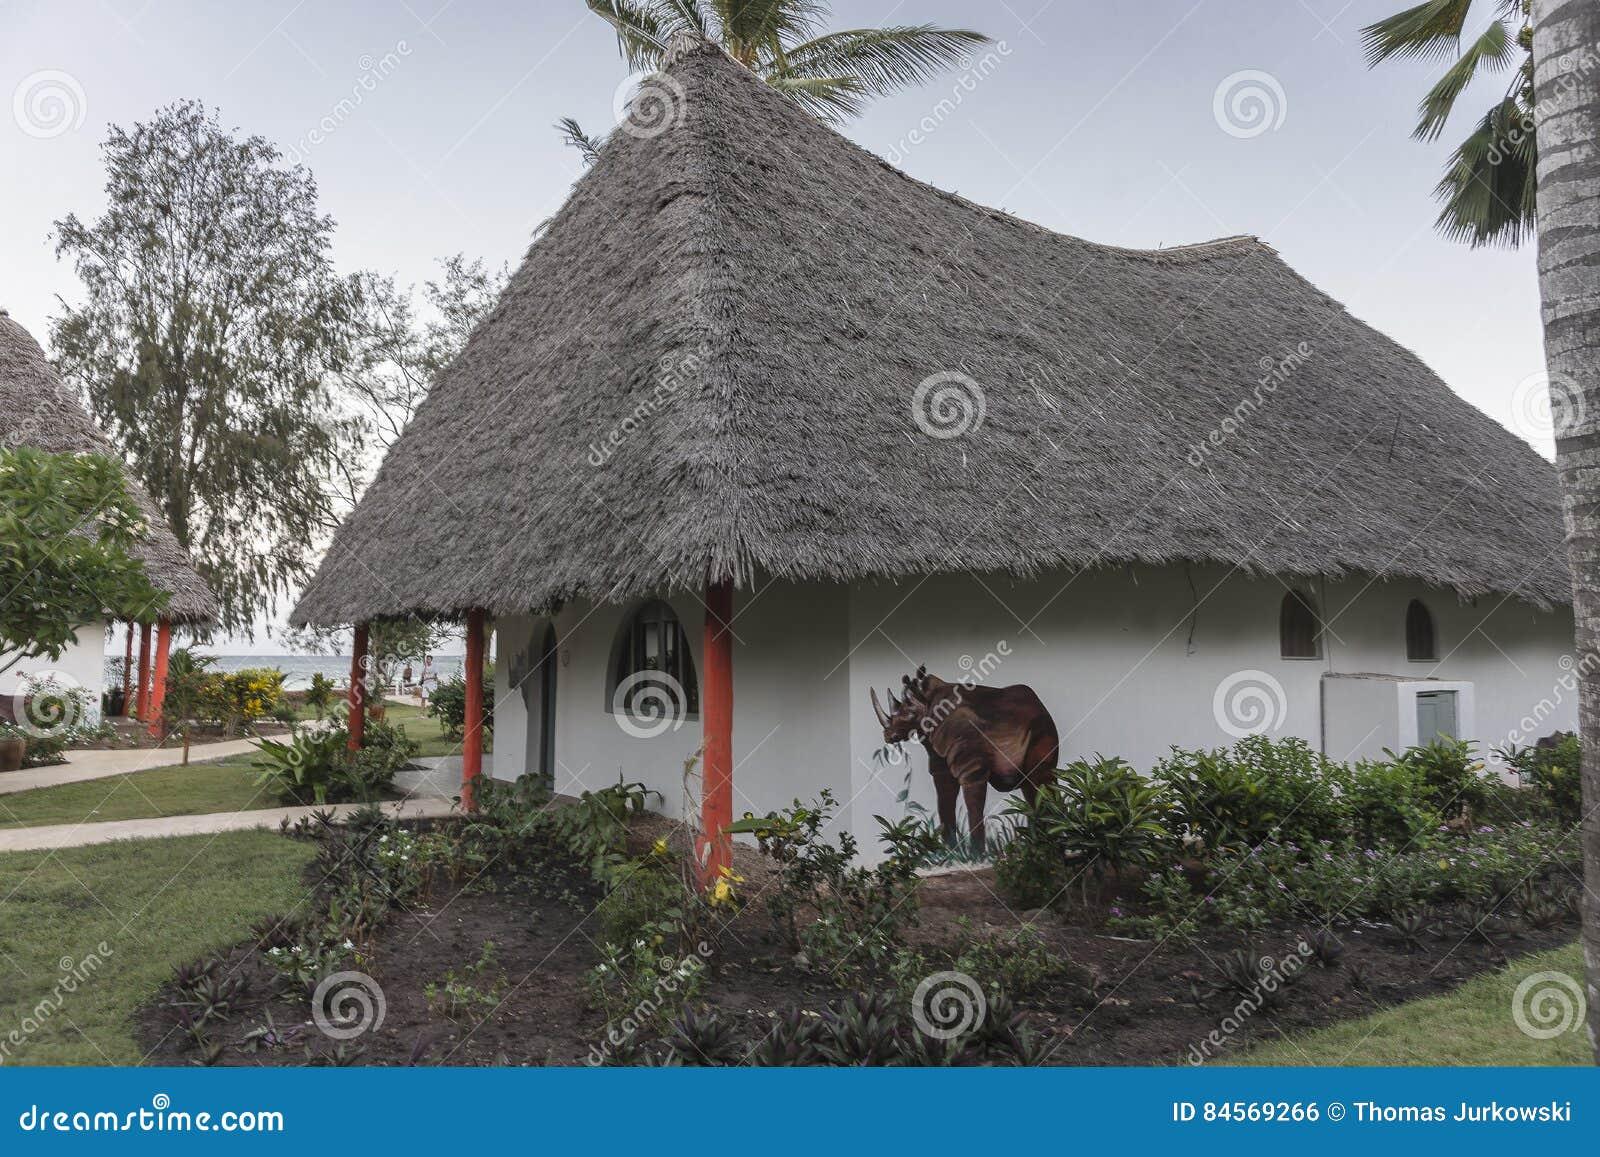 Awesome Tassa Di Soggiorno Zanzibar Gallery - Modern Home Design ...